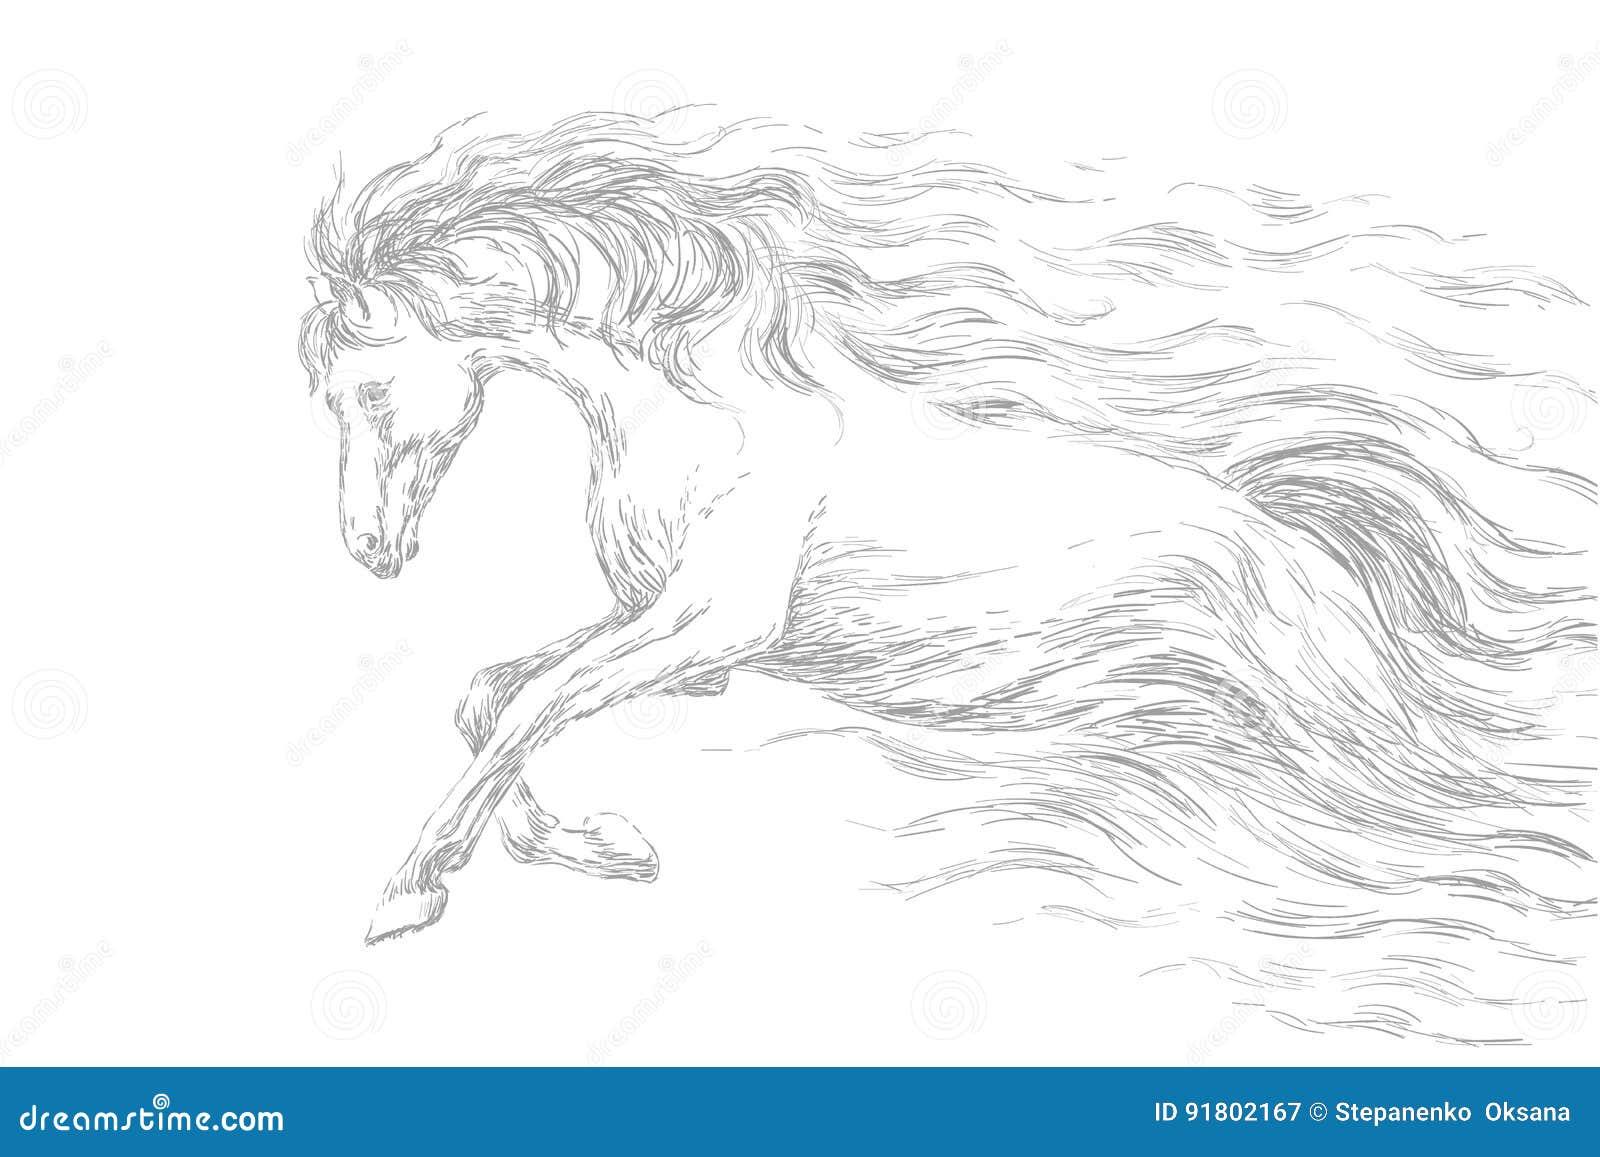 Running horse line drawing gray pencil sketch vector illustration